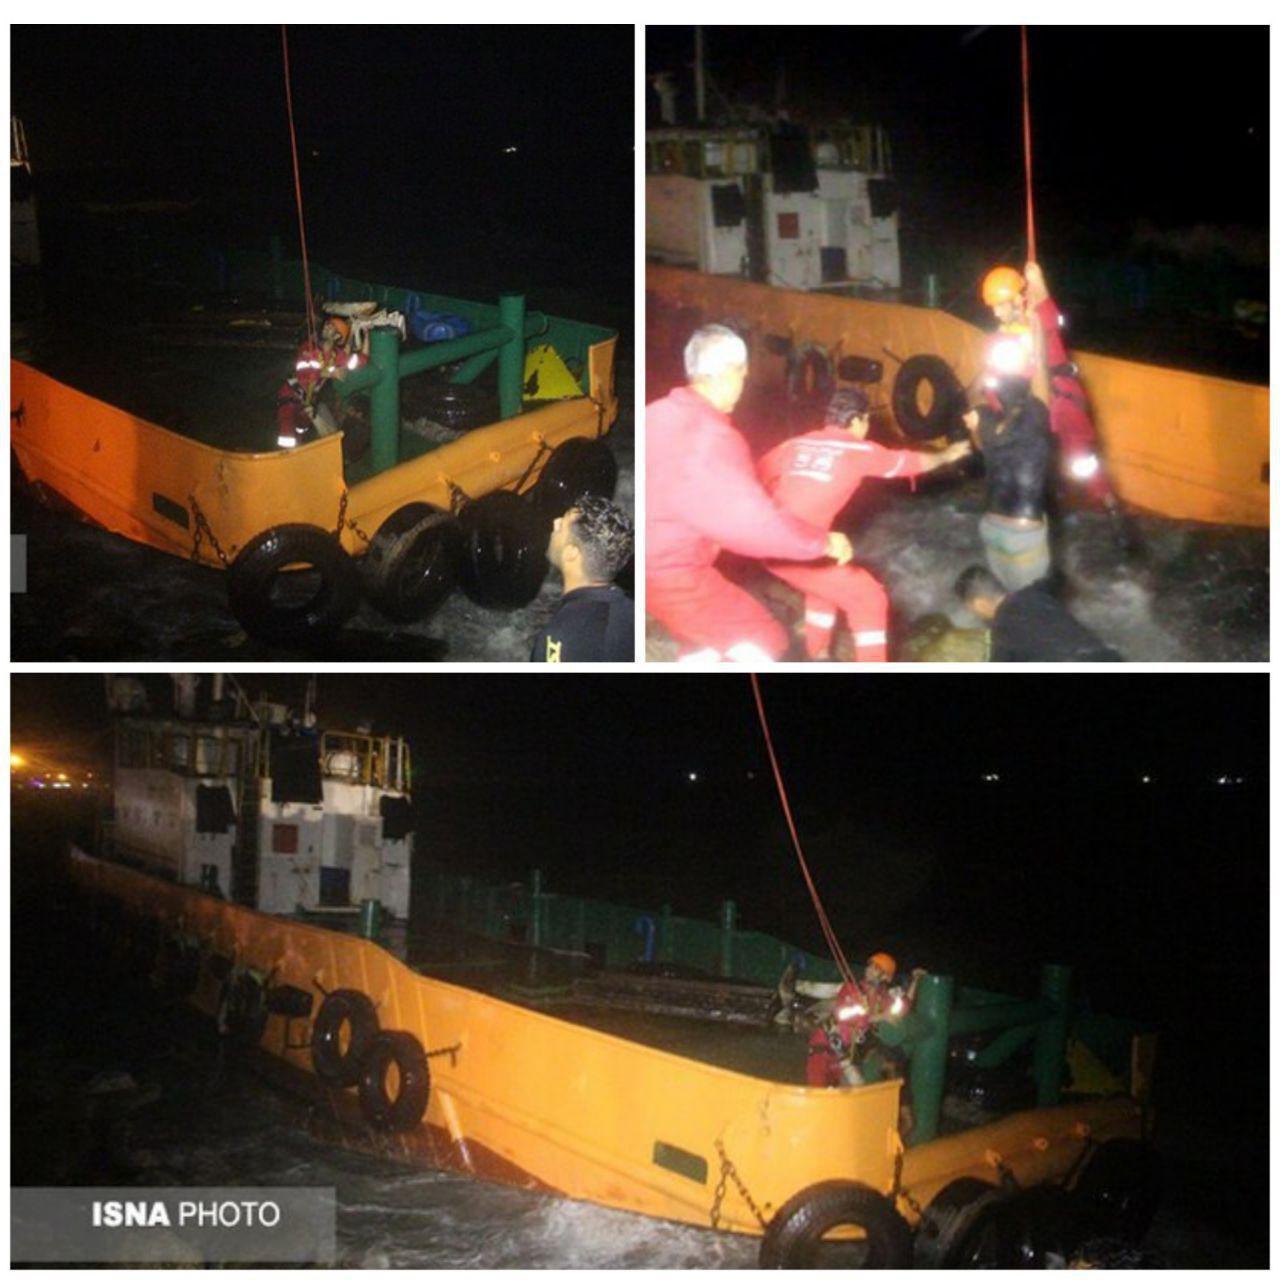 نجات جان ۹ نفر دریانورد گرفتار روی شناورهای به گل نشسته در پی طوفان شدید